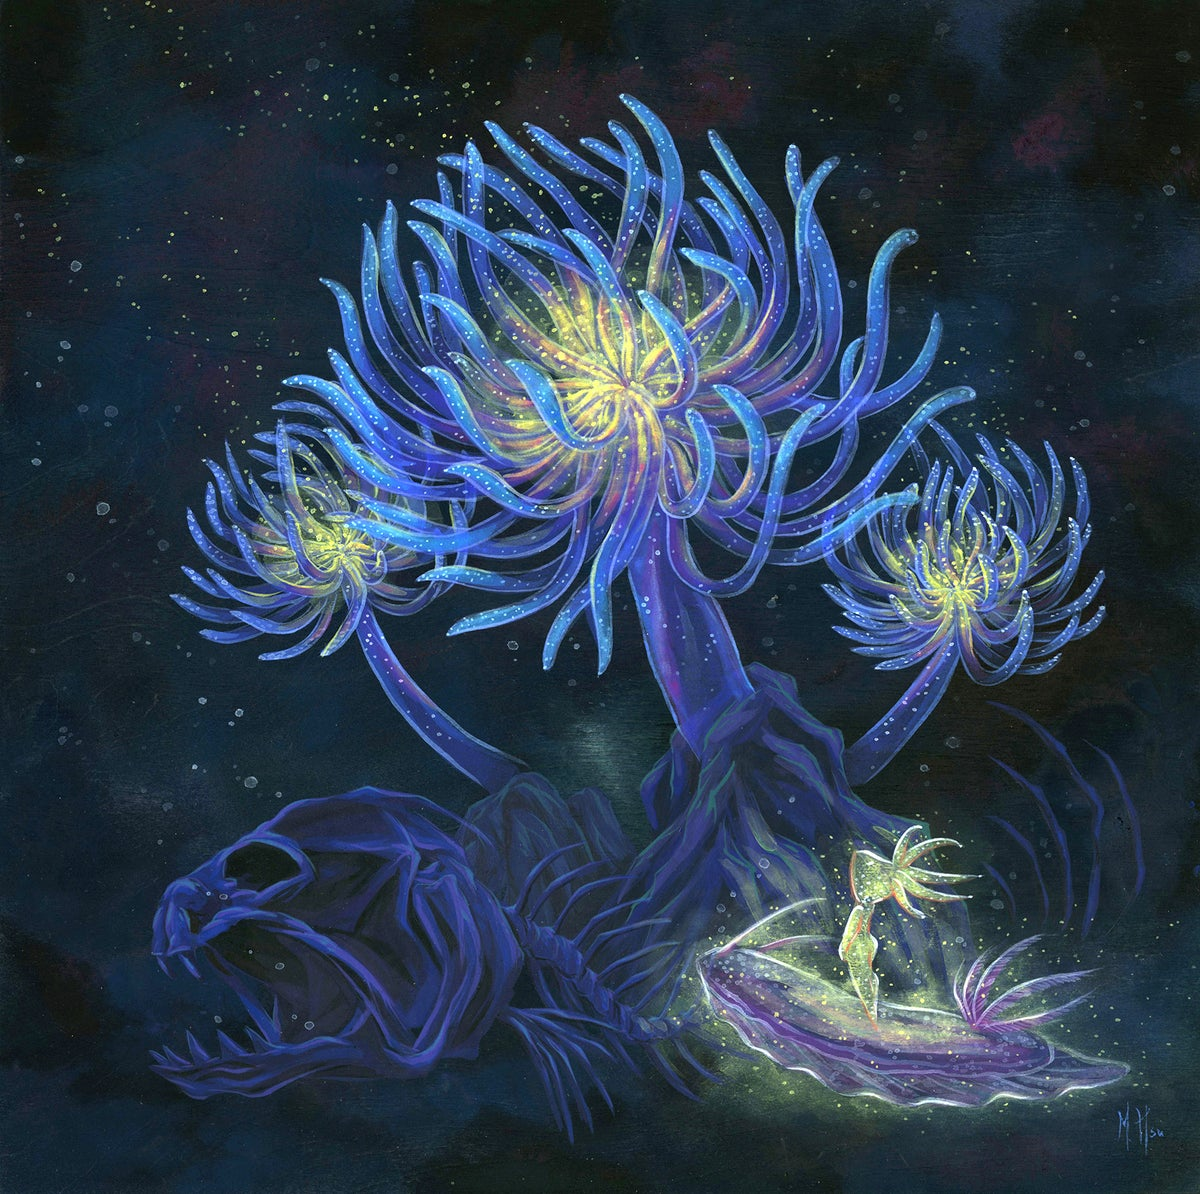 Dreams - Transcendence